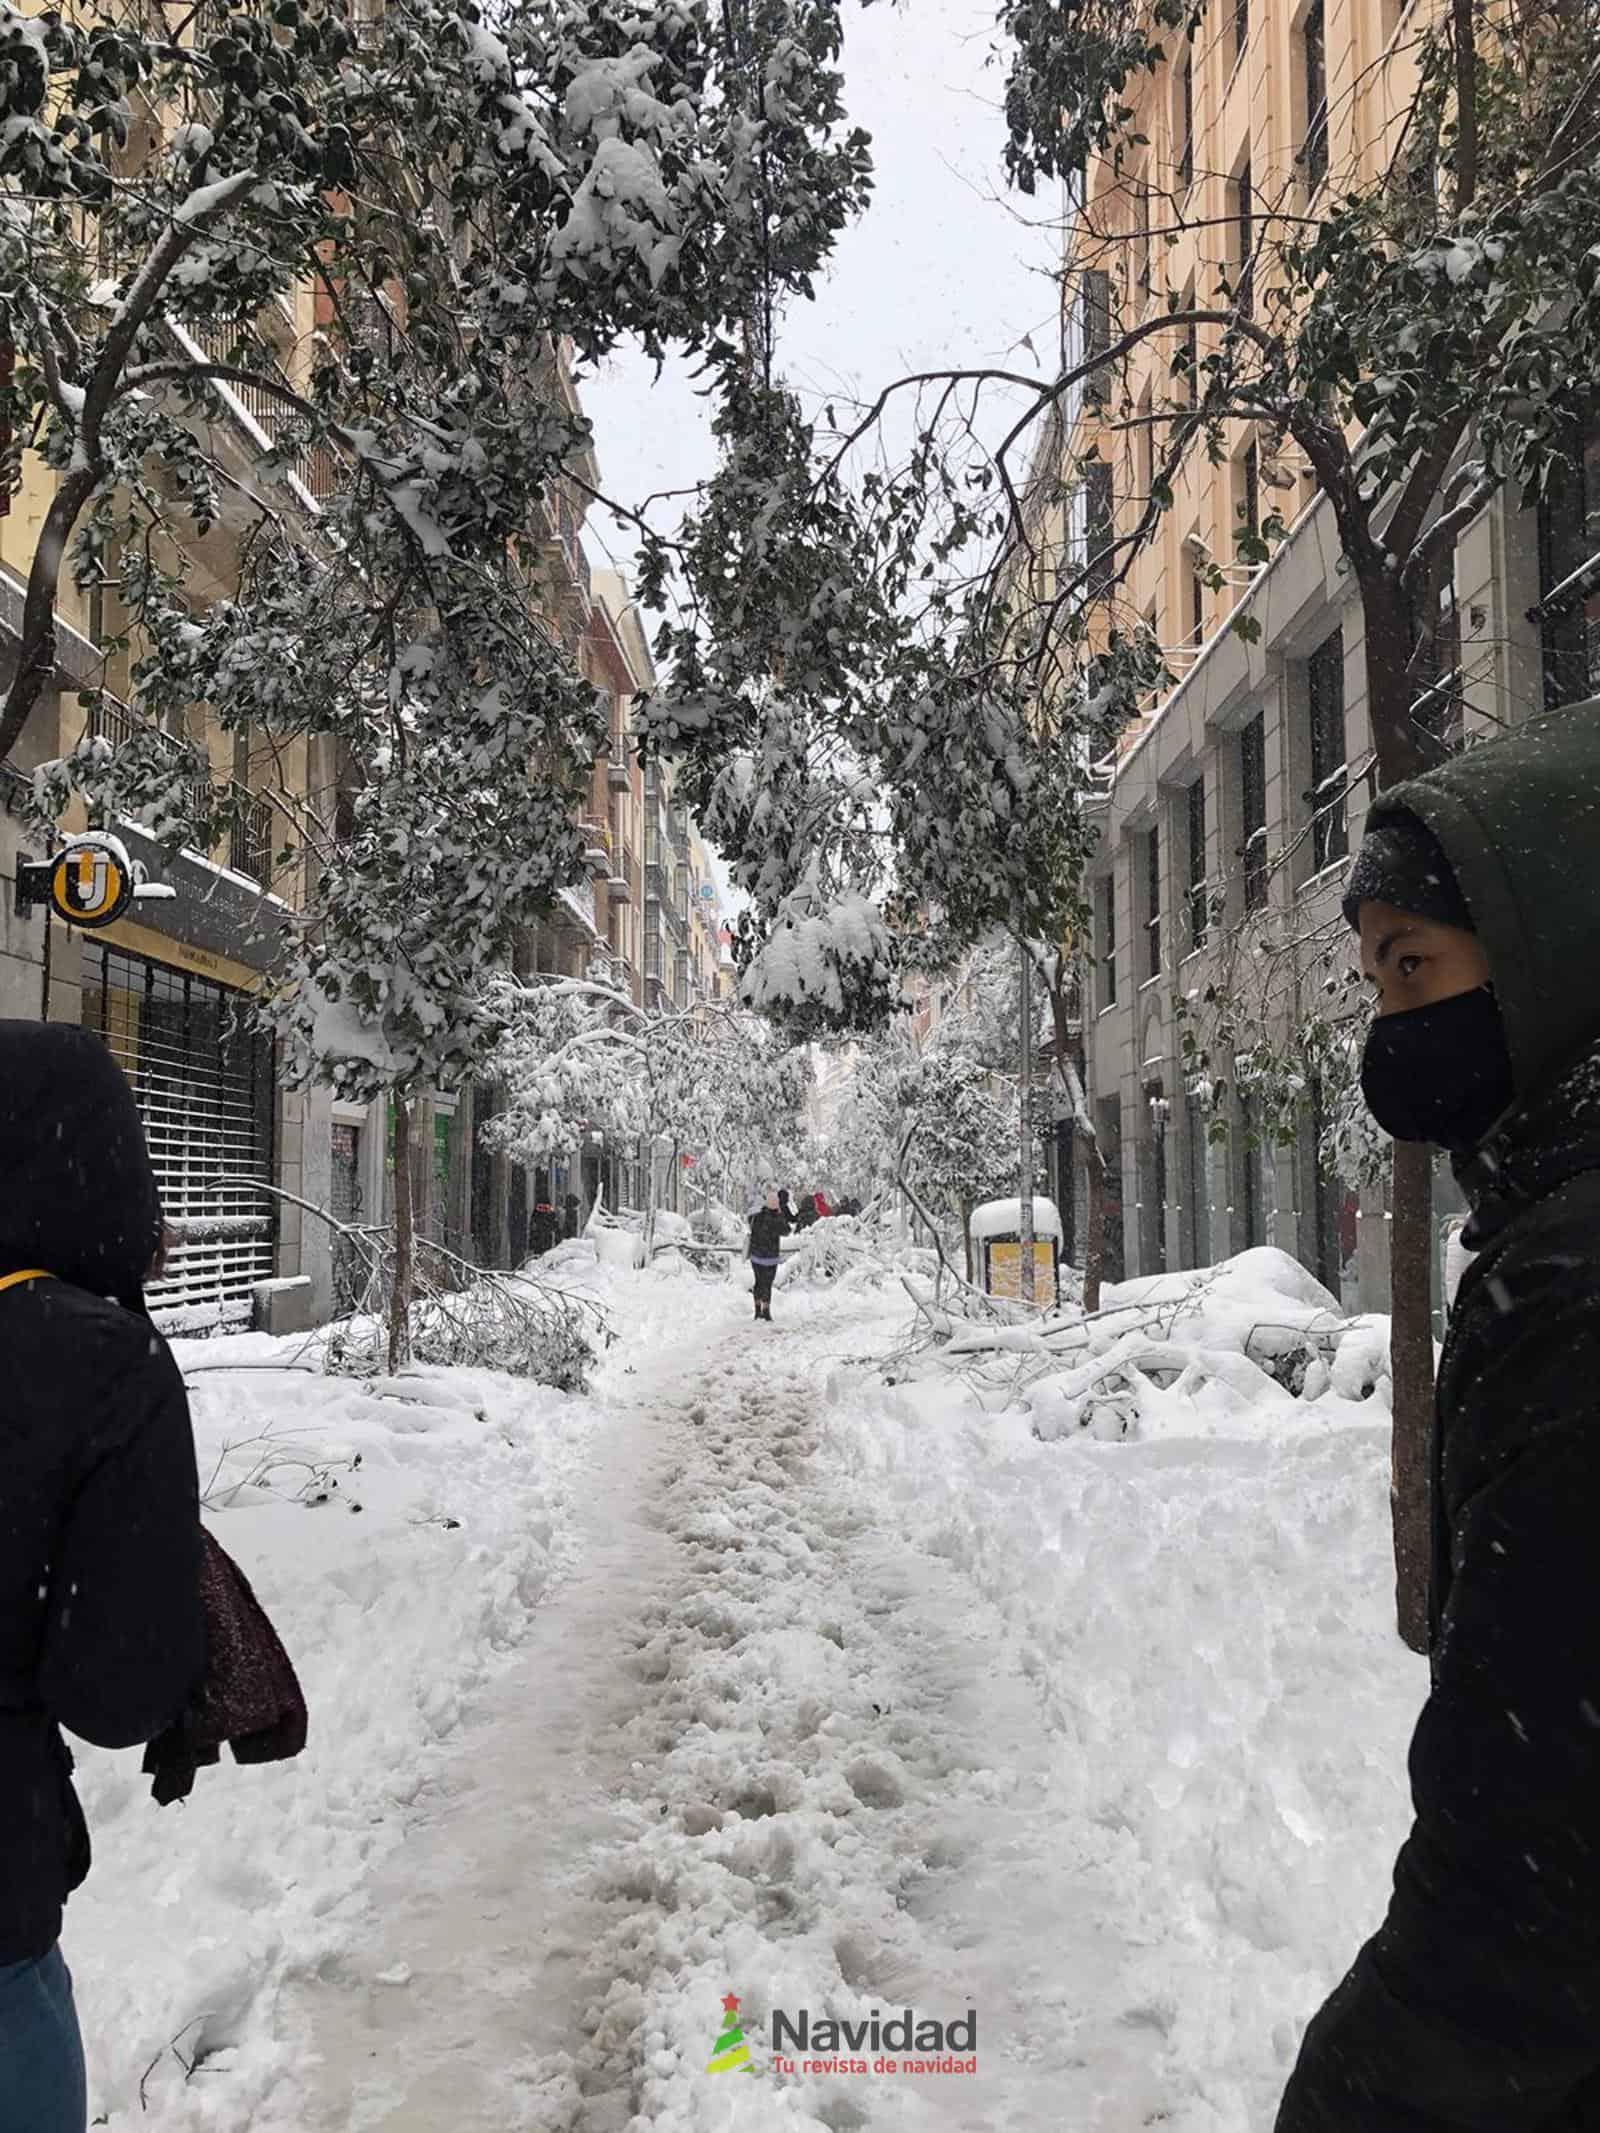 Fotografías de la nevada de enero en Madrid (España) 178